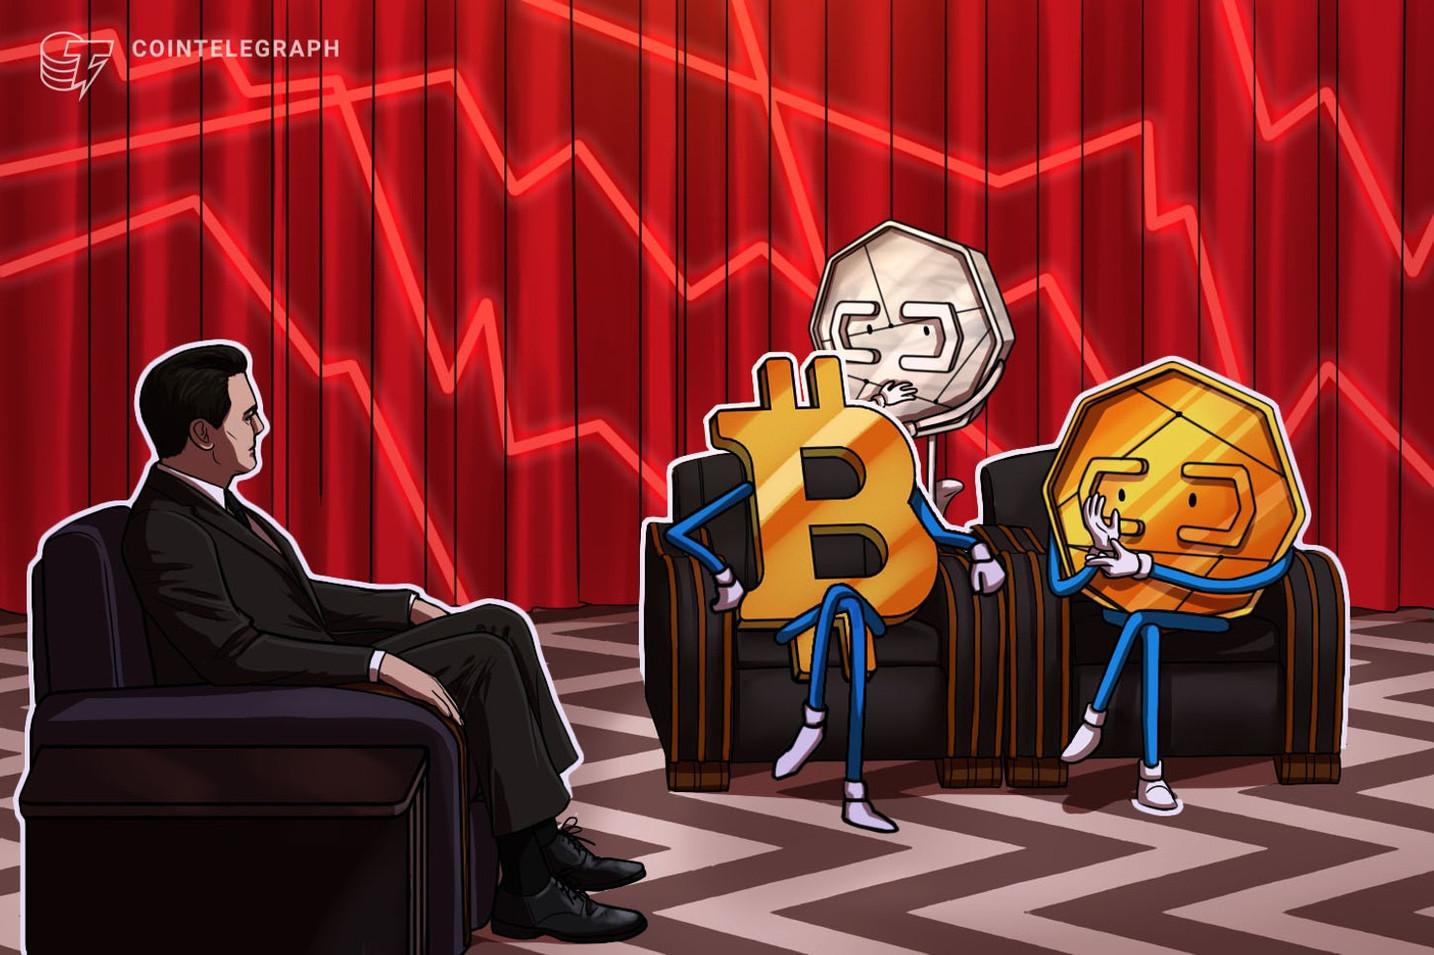 ビットコインは待ちの時期、弱気か強気かの見極めは?|ドミナンスは改善【仮想通貨相場】